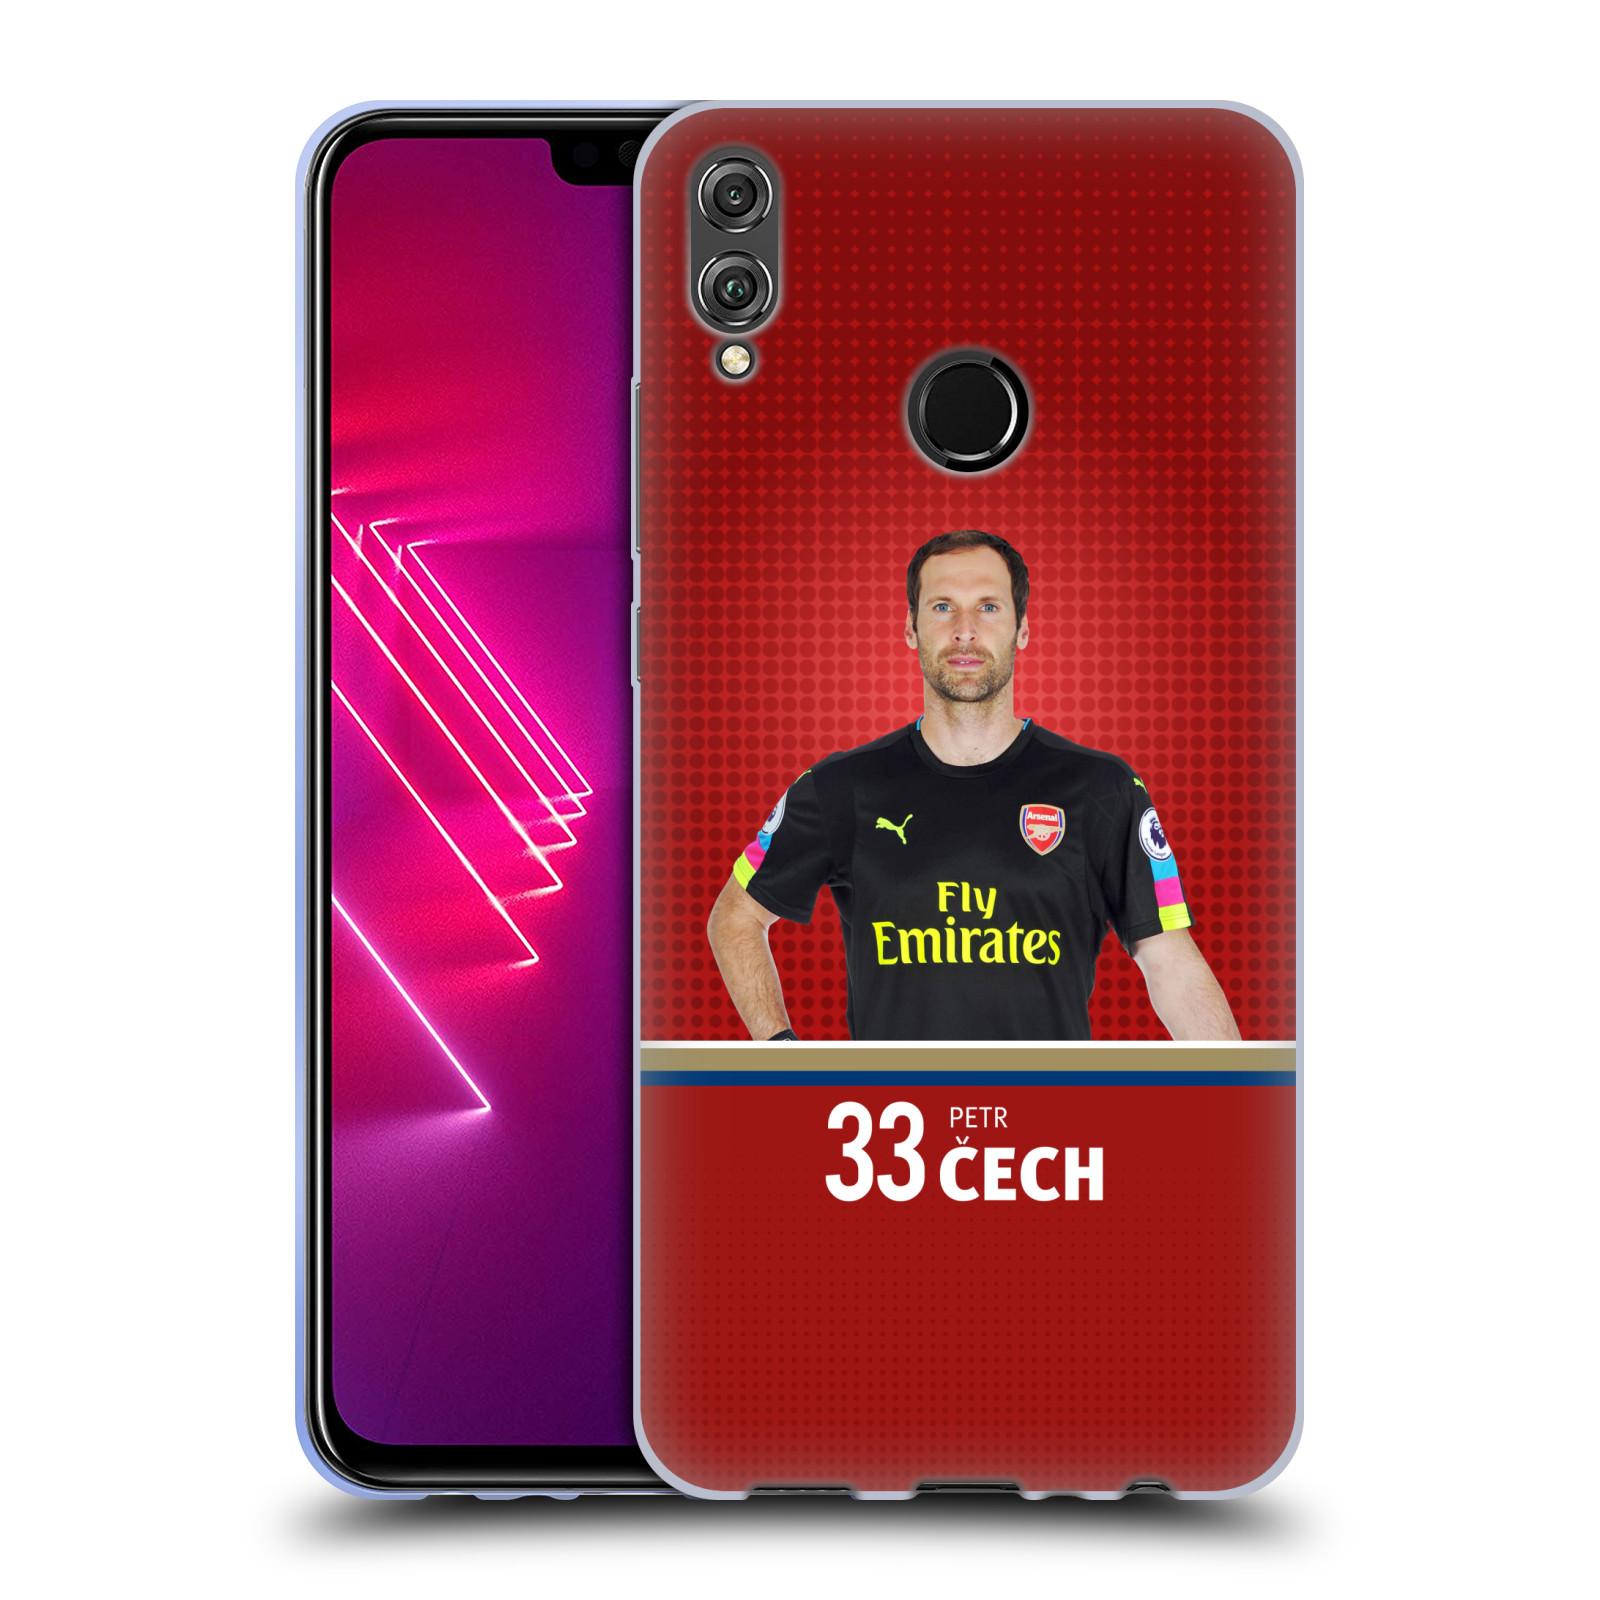 Silikonové pouzdro na mobil Honor View 10 Lite - Head Case - Arsenal FC - Petr Čech